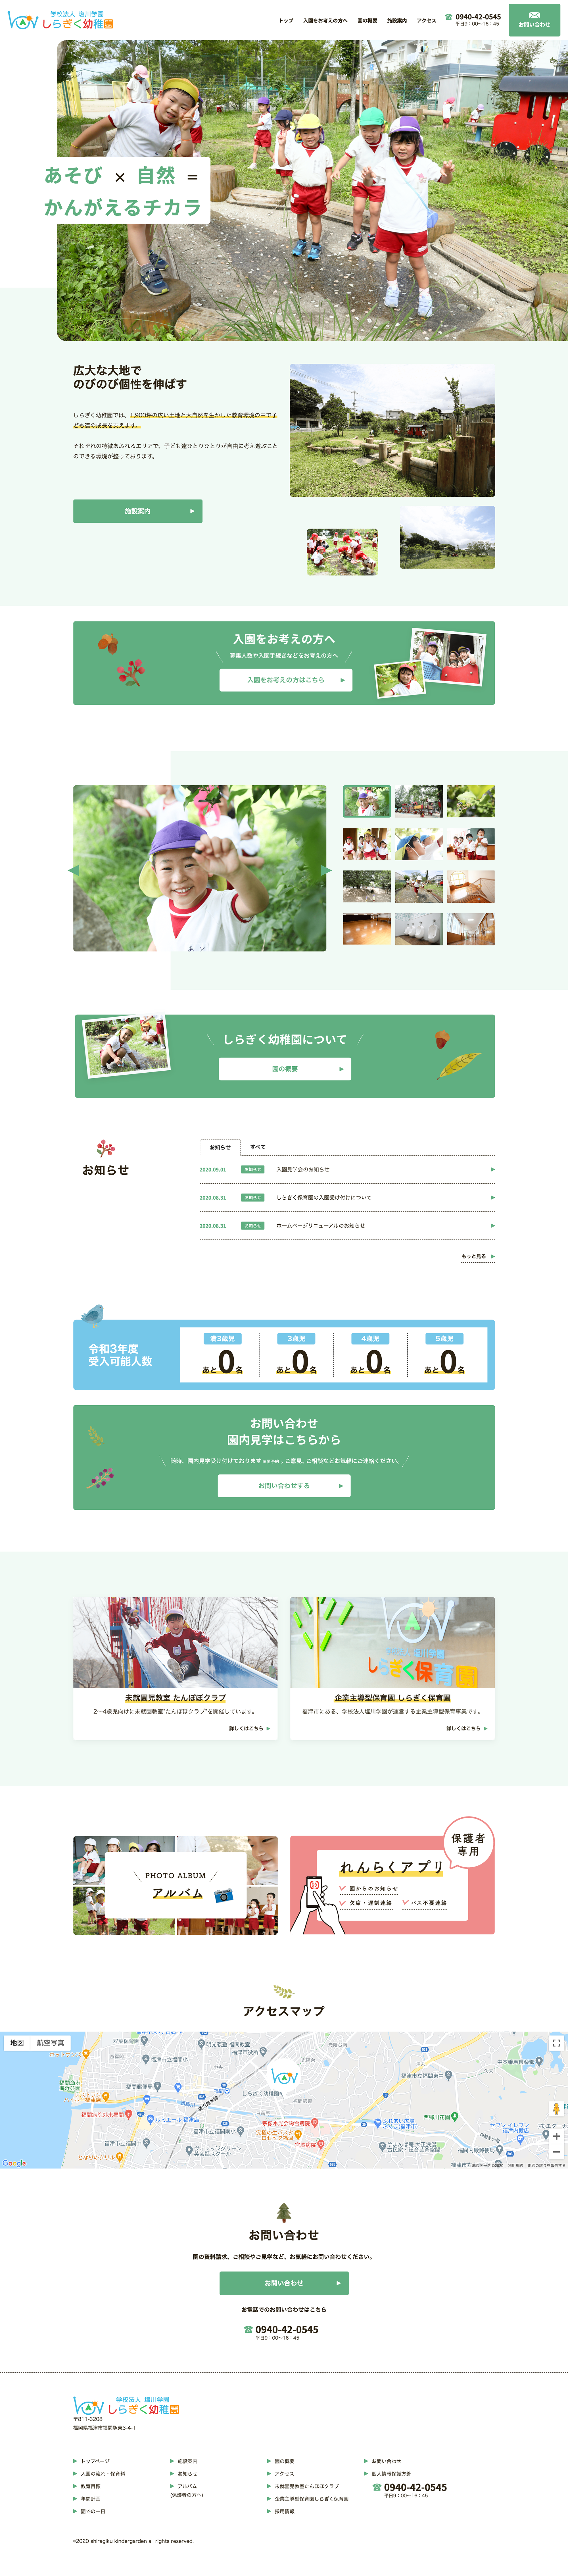 学校法⼈塩川学園 しらぎく幼稚園様 PC画像